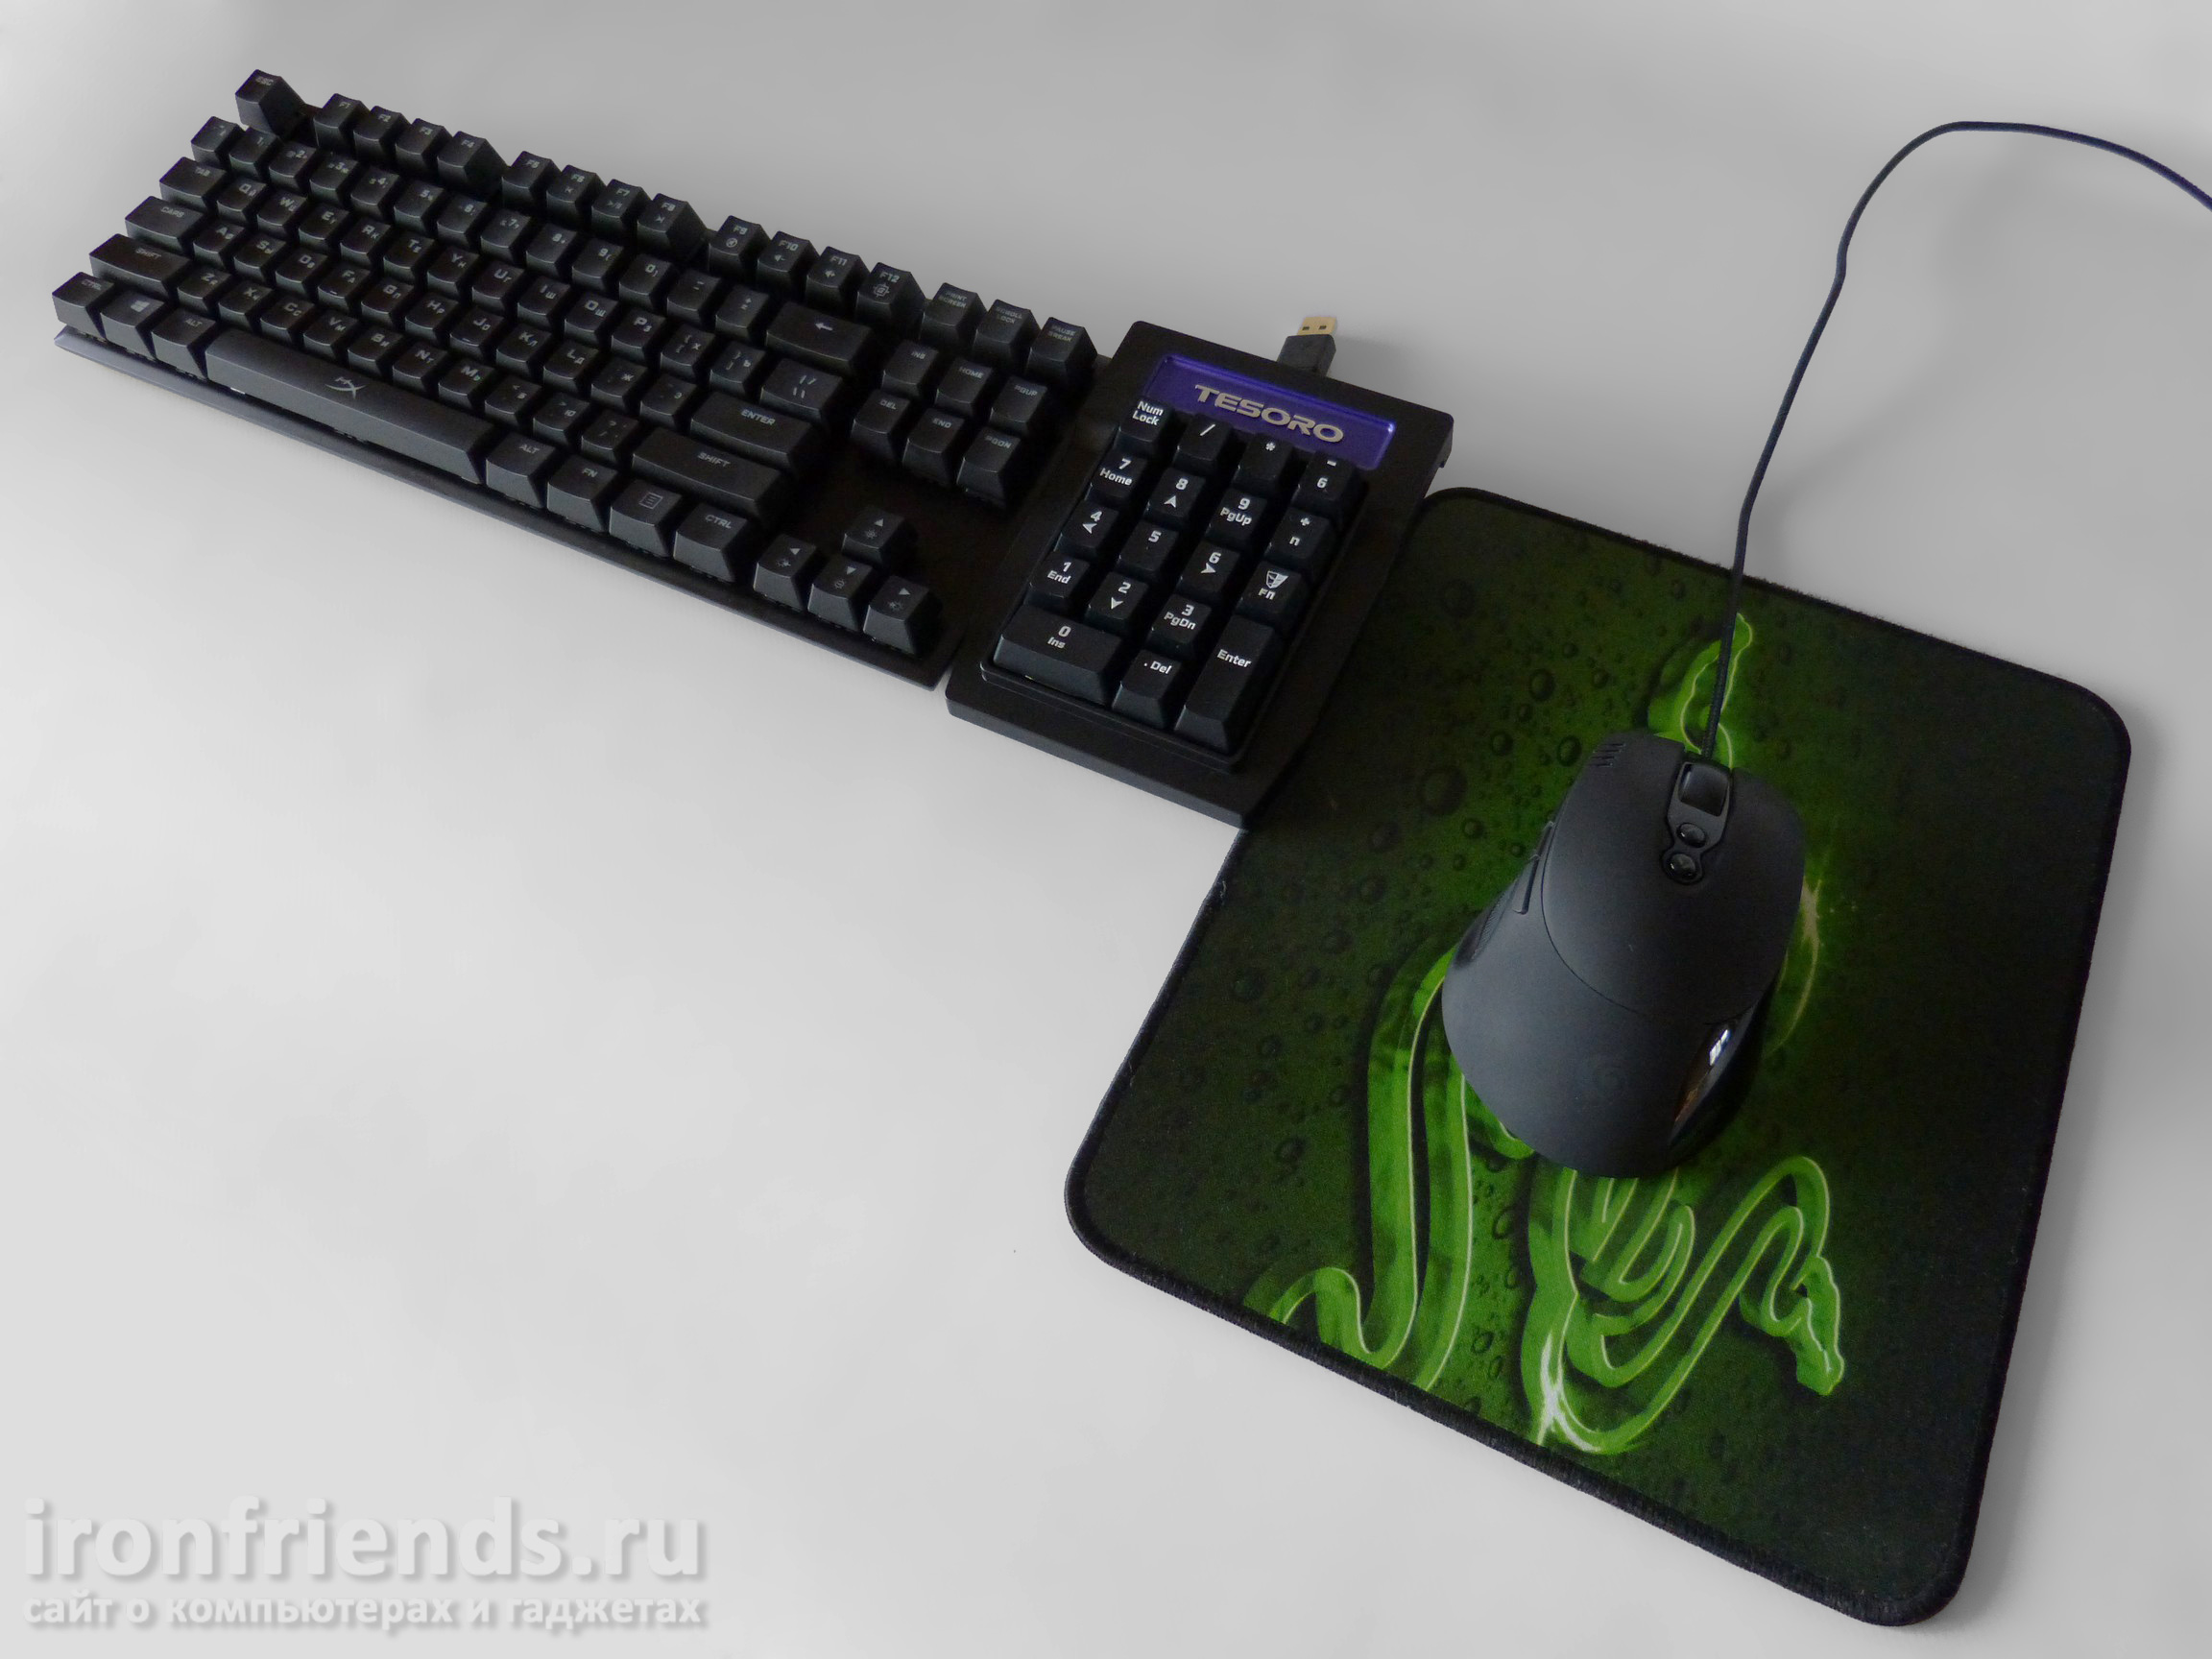 Клавиатура HyperX Alloy FPS Pro с нампадом Tesoro